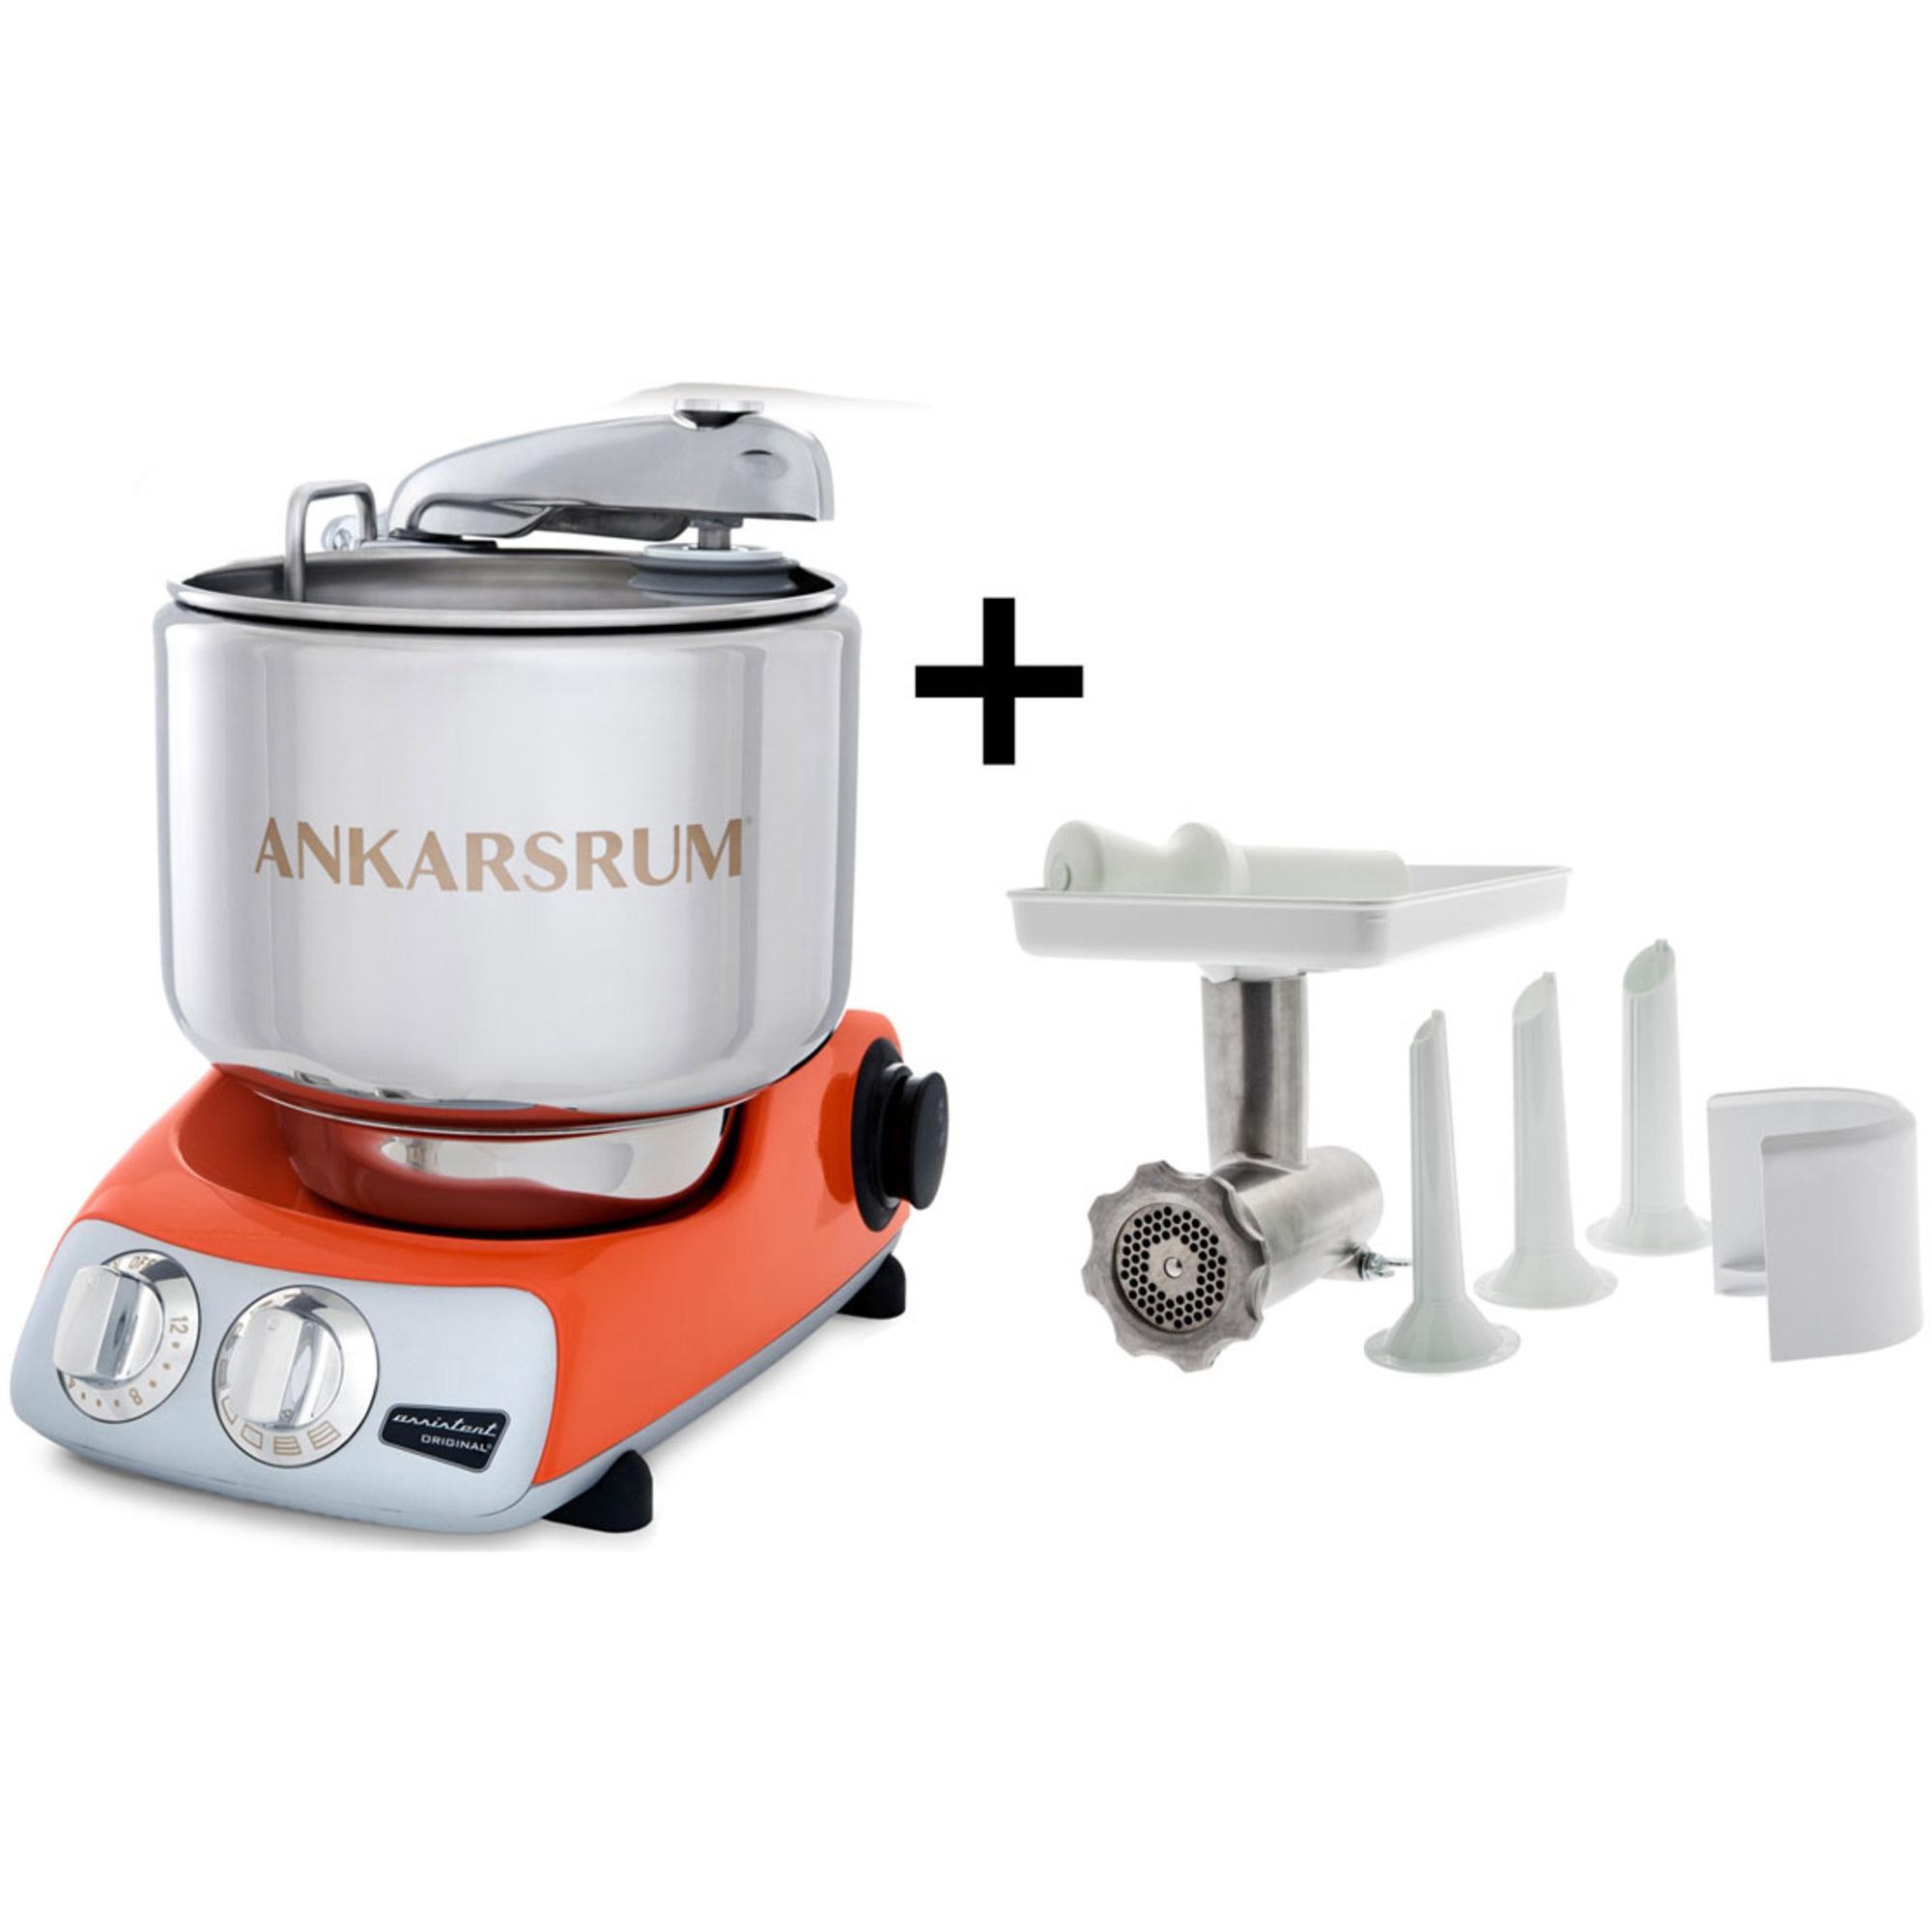 Ankarsrum Assistent Original AKM6230PO Pure Orange med Köttkvarnspaket